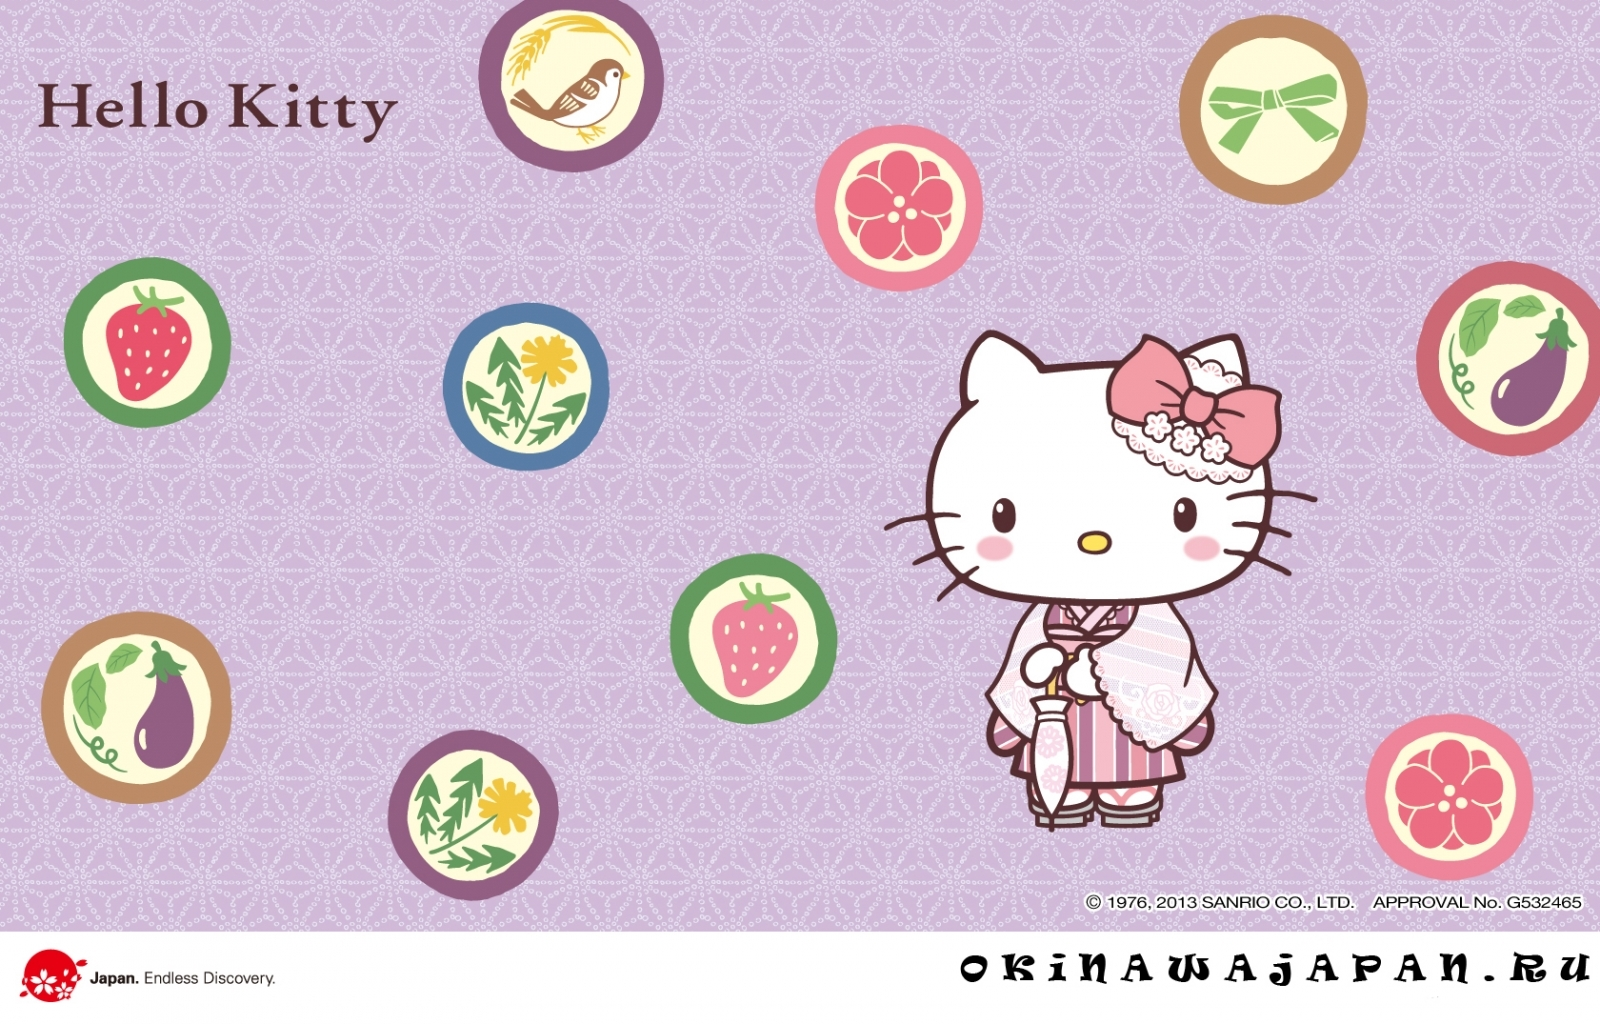 Скачать картинку Бренды, Фон, Hello Kitty в телефон бесплатно.